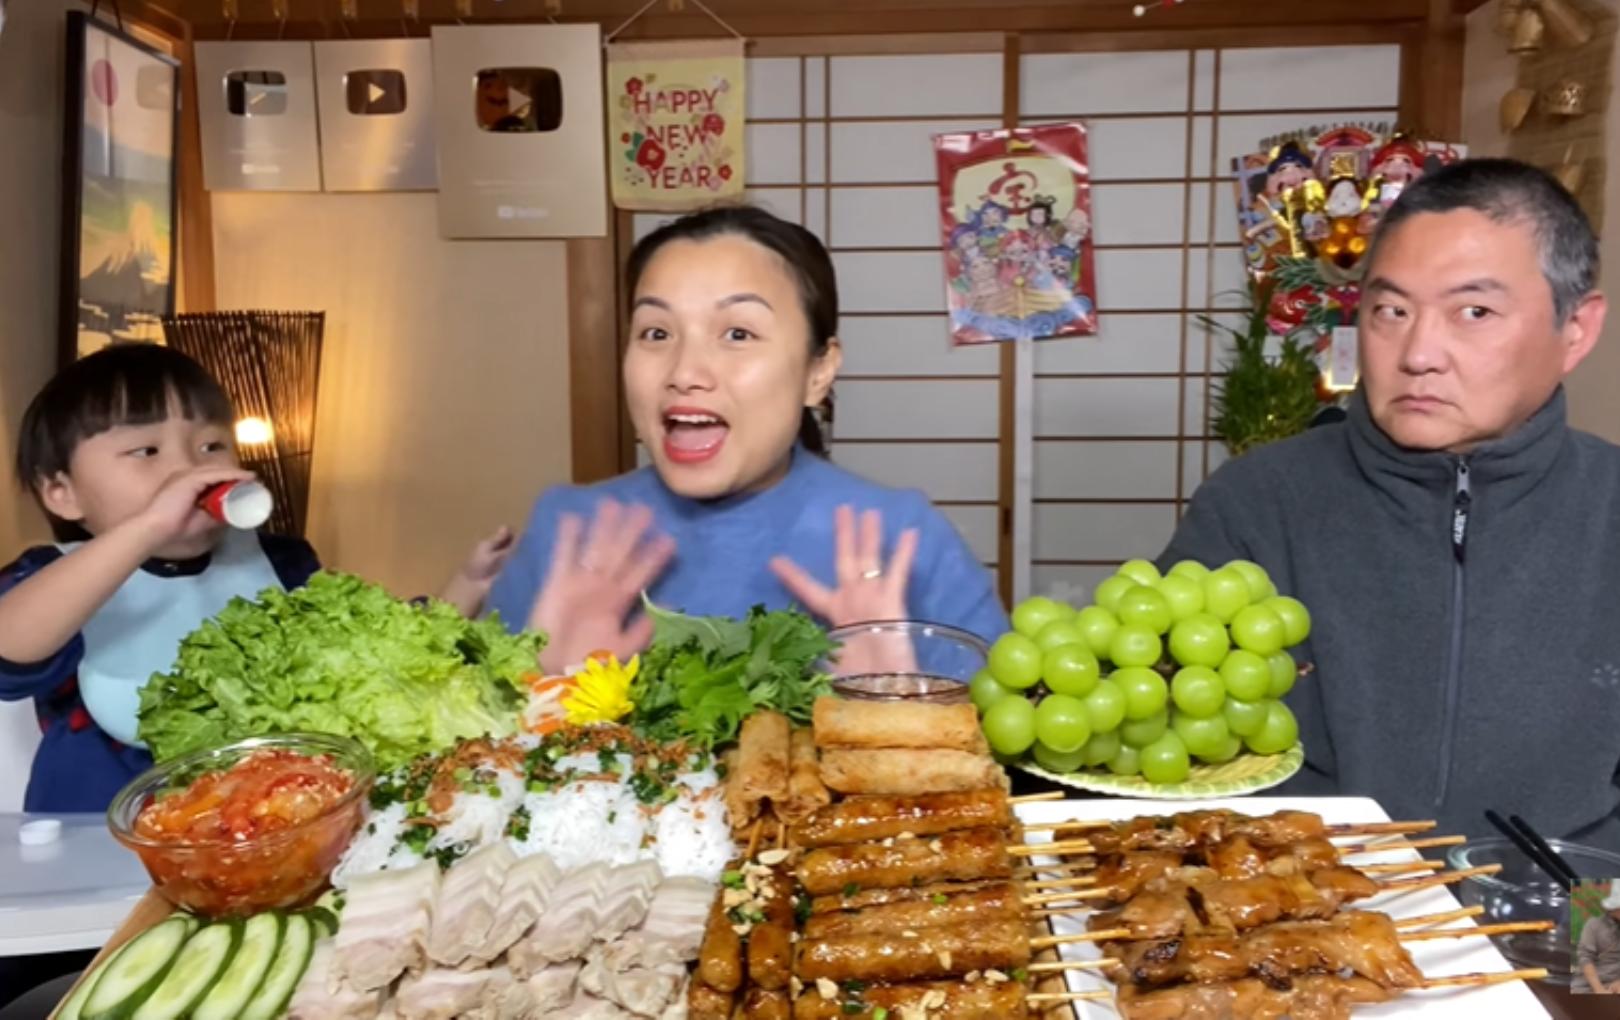 """Quỳnh Trần JP đăng vlog hạnh phúc với """"anh xã"""" sau cãi vã, tiết lộ cách hai vợ chồng giải quyết mâu thuẫn"""